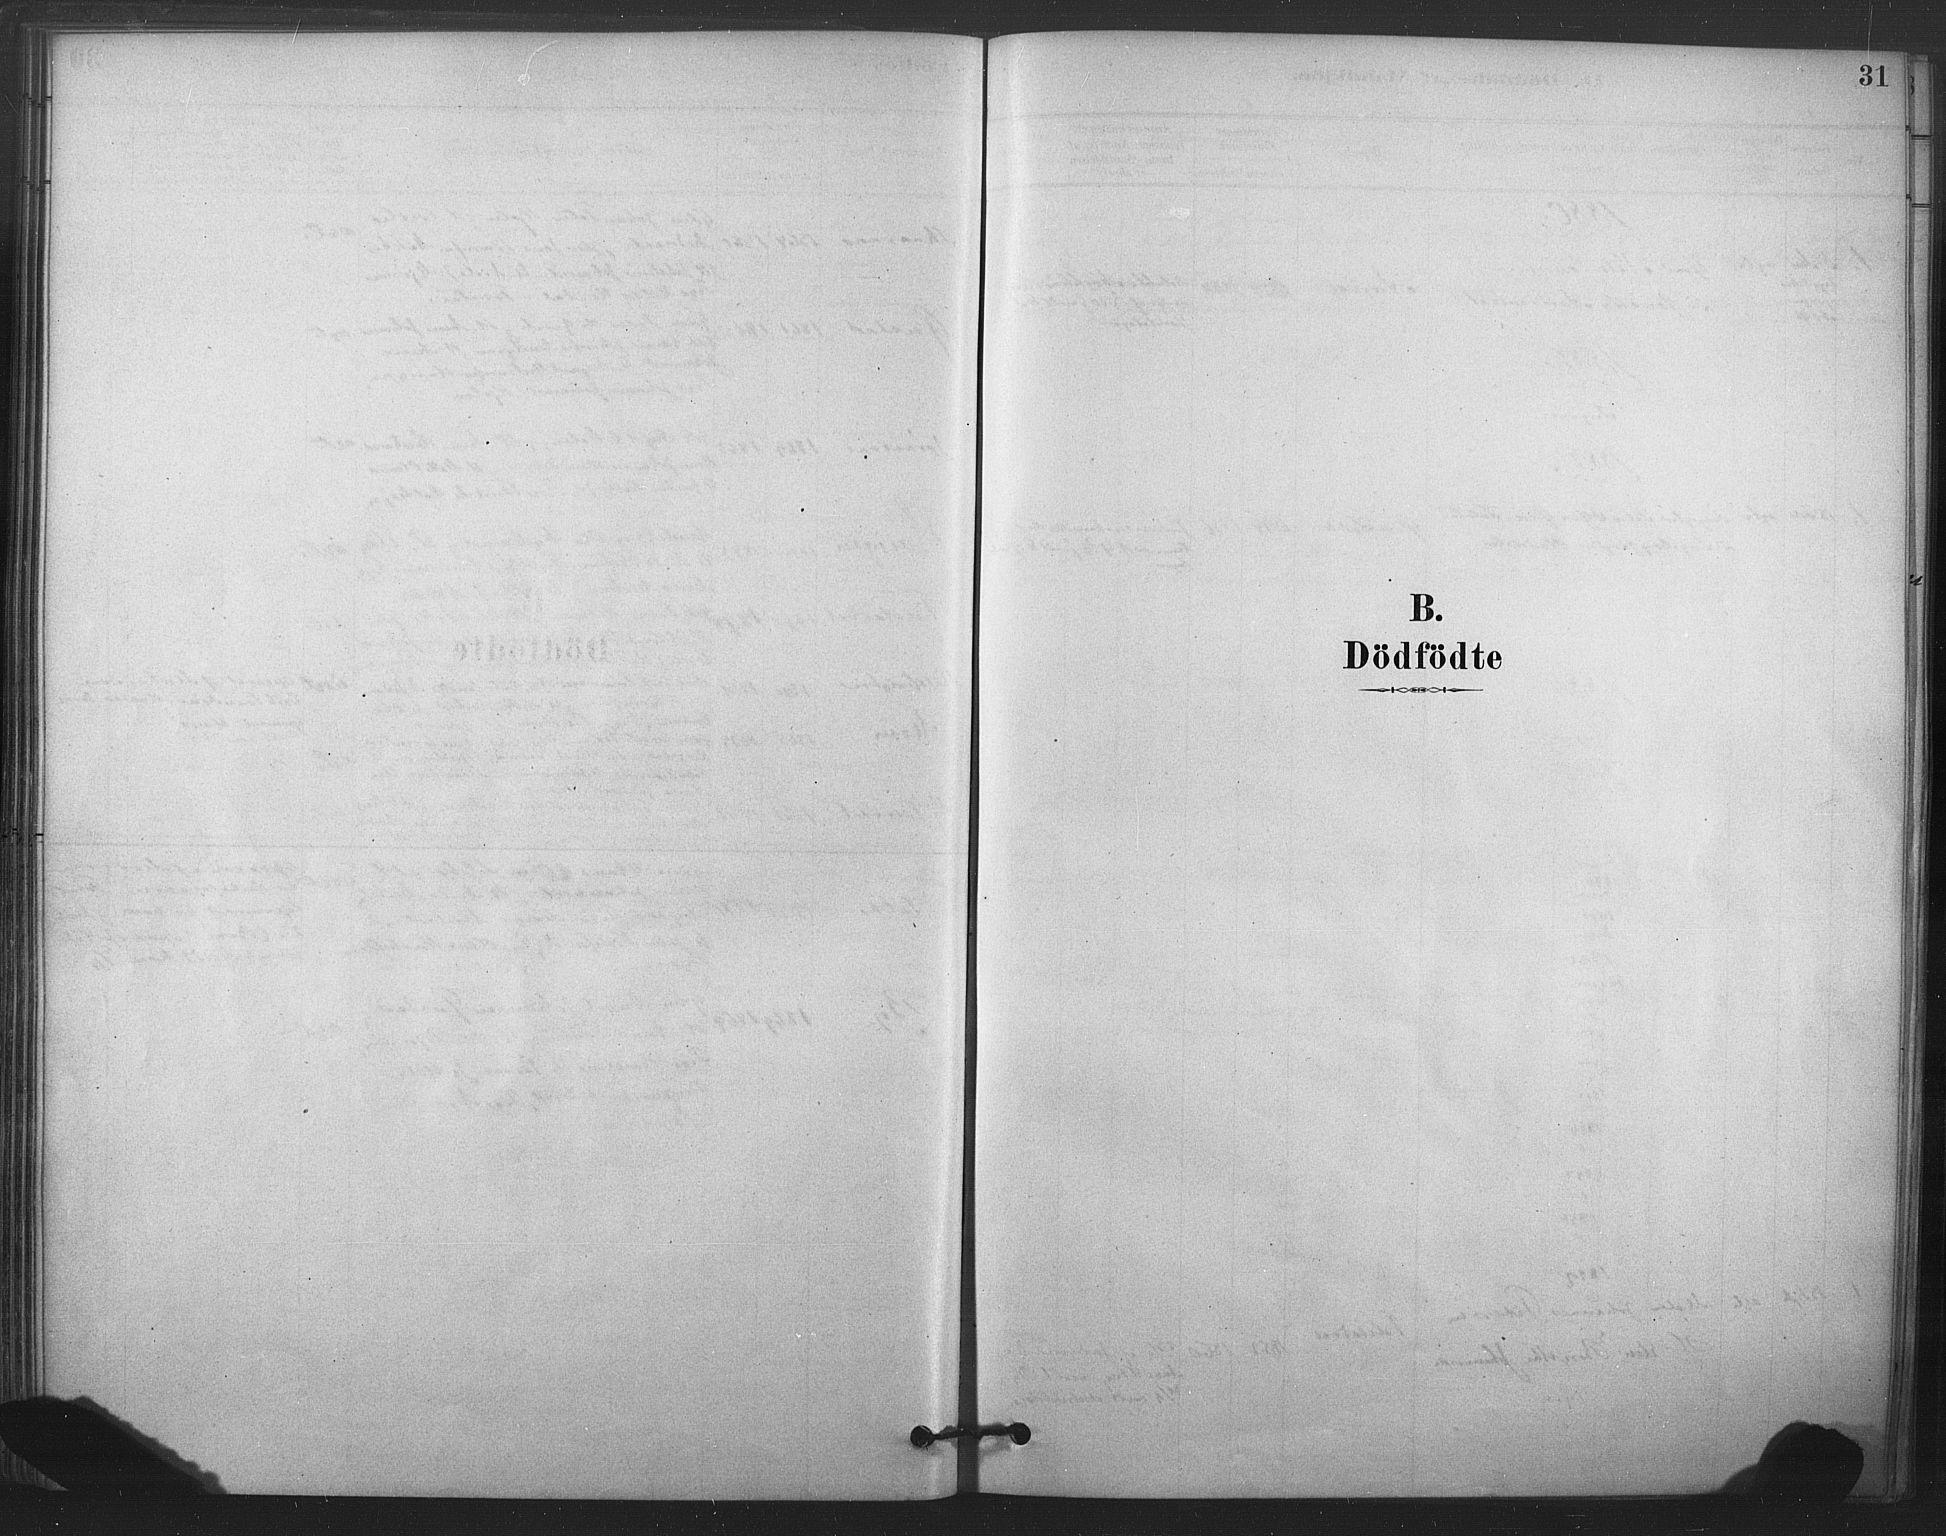 SAT, Ministerialprotokoller, klokkerbøker og fødselsregistre - Nord-Trøndelag, 719/L0178: Ministerialbok nr. 719A01, 1878-1900, s. 31